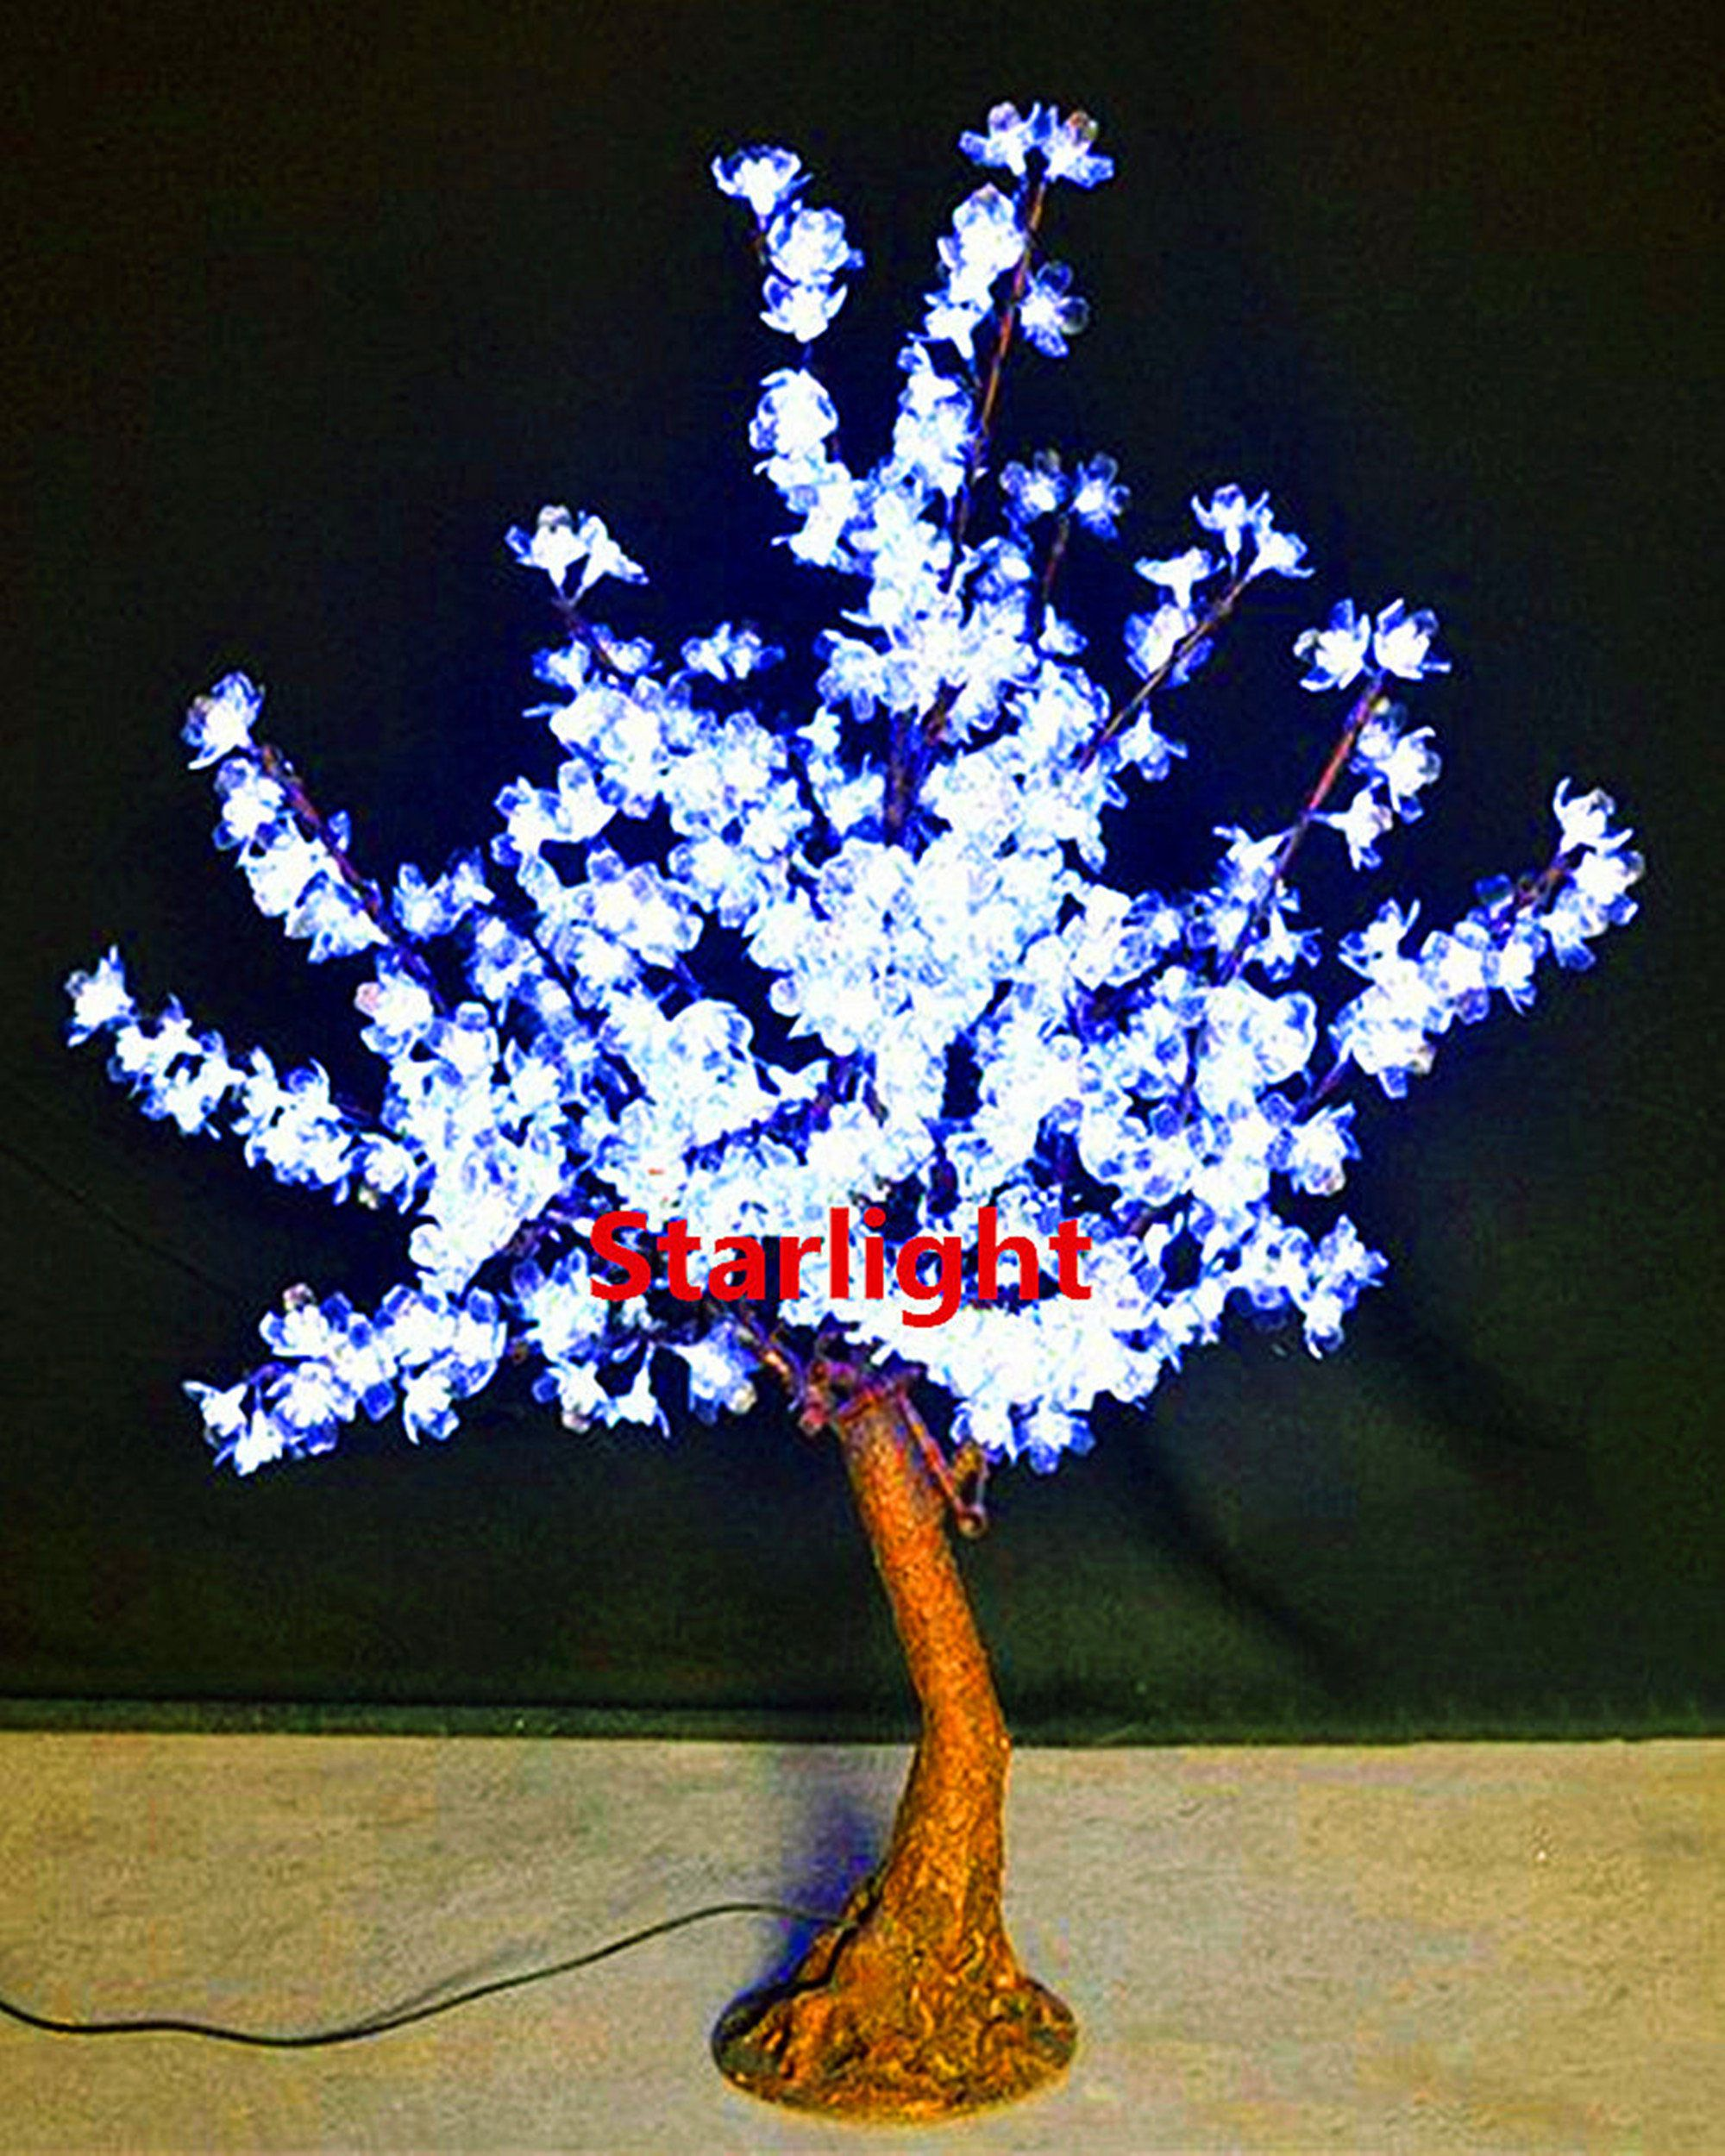 35 Led Bonsai Cherry Blossom Artificial Christmas Tree Etsy Artificial Christmas Tree Christmas Tree Lighting Blossom Trees